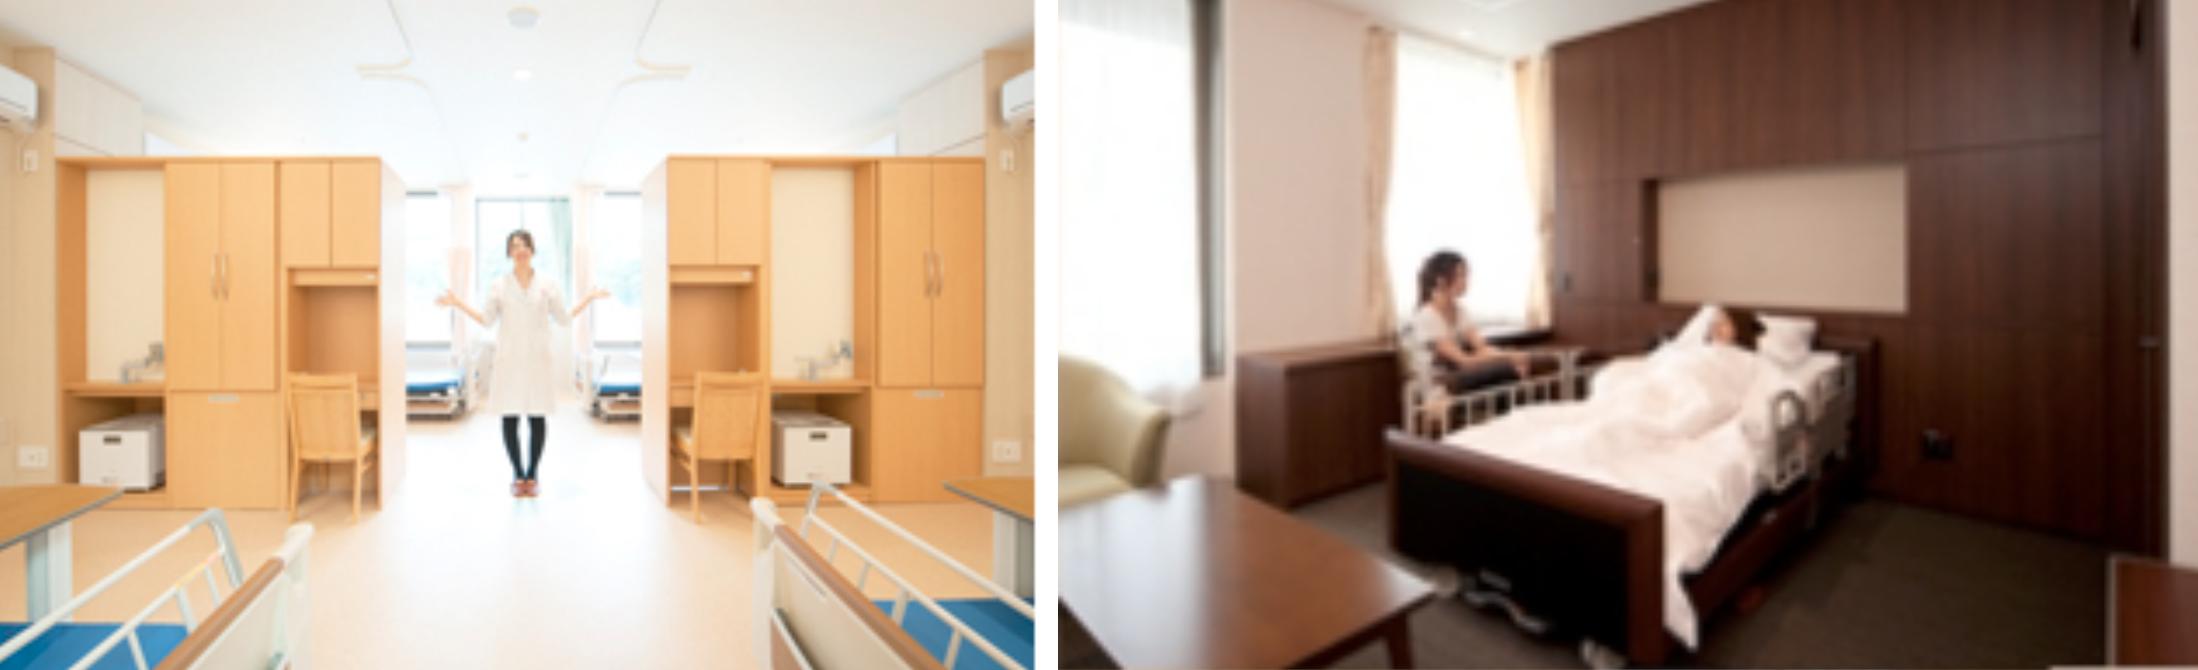 冨田病院 病室